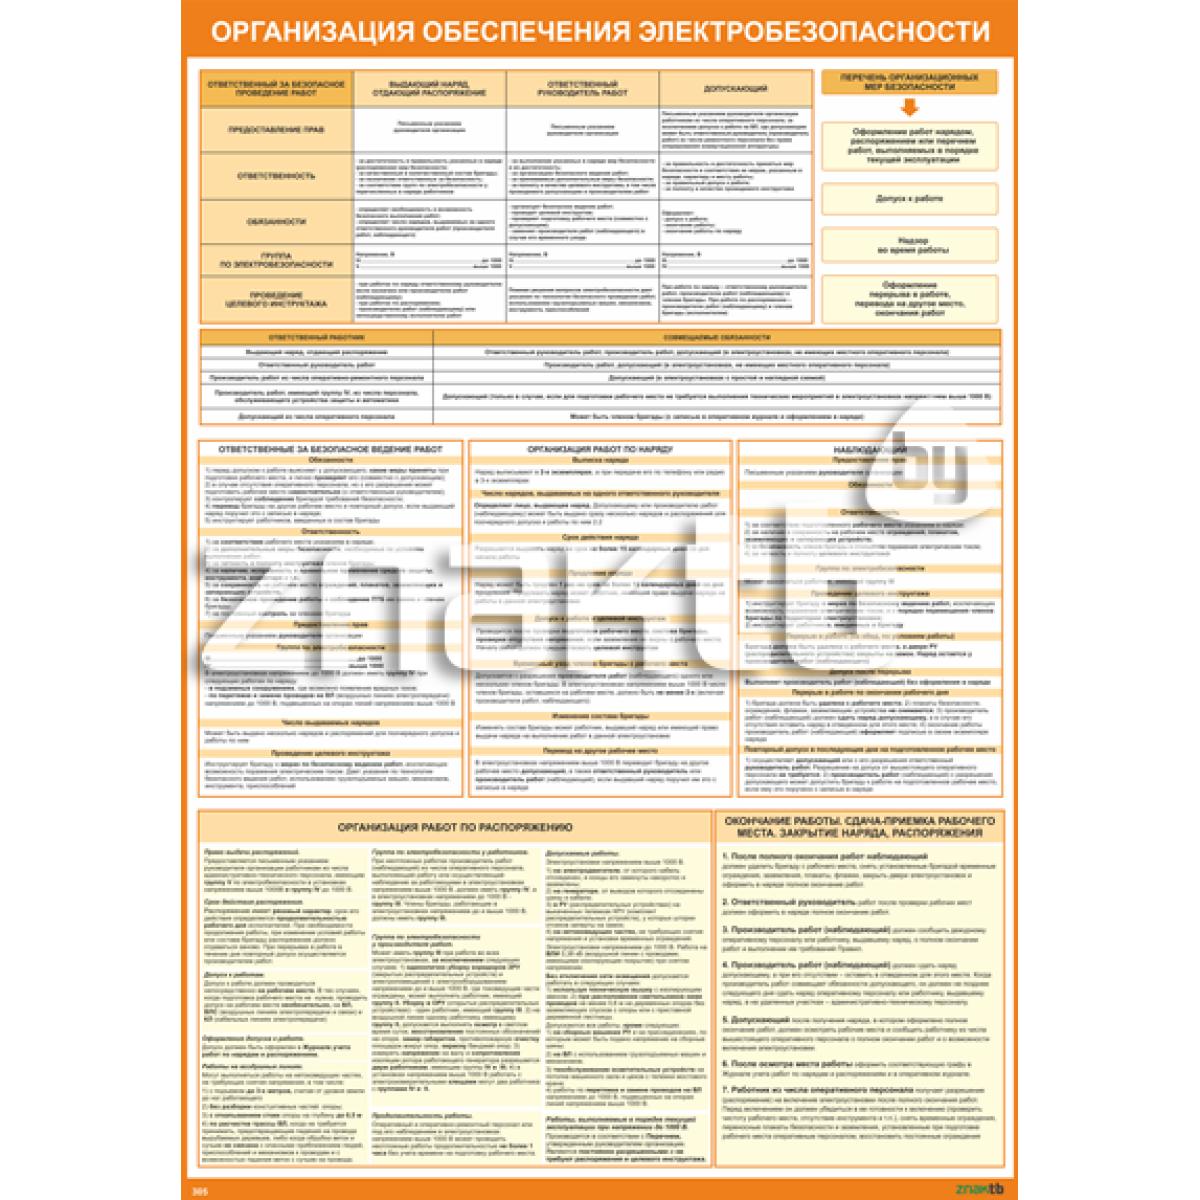 2305 Организация обеспечения электробезопасности (текстовый)